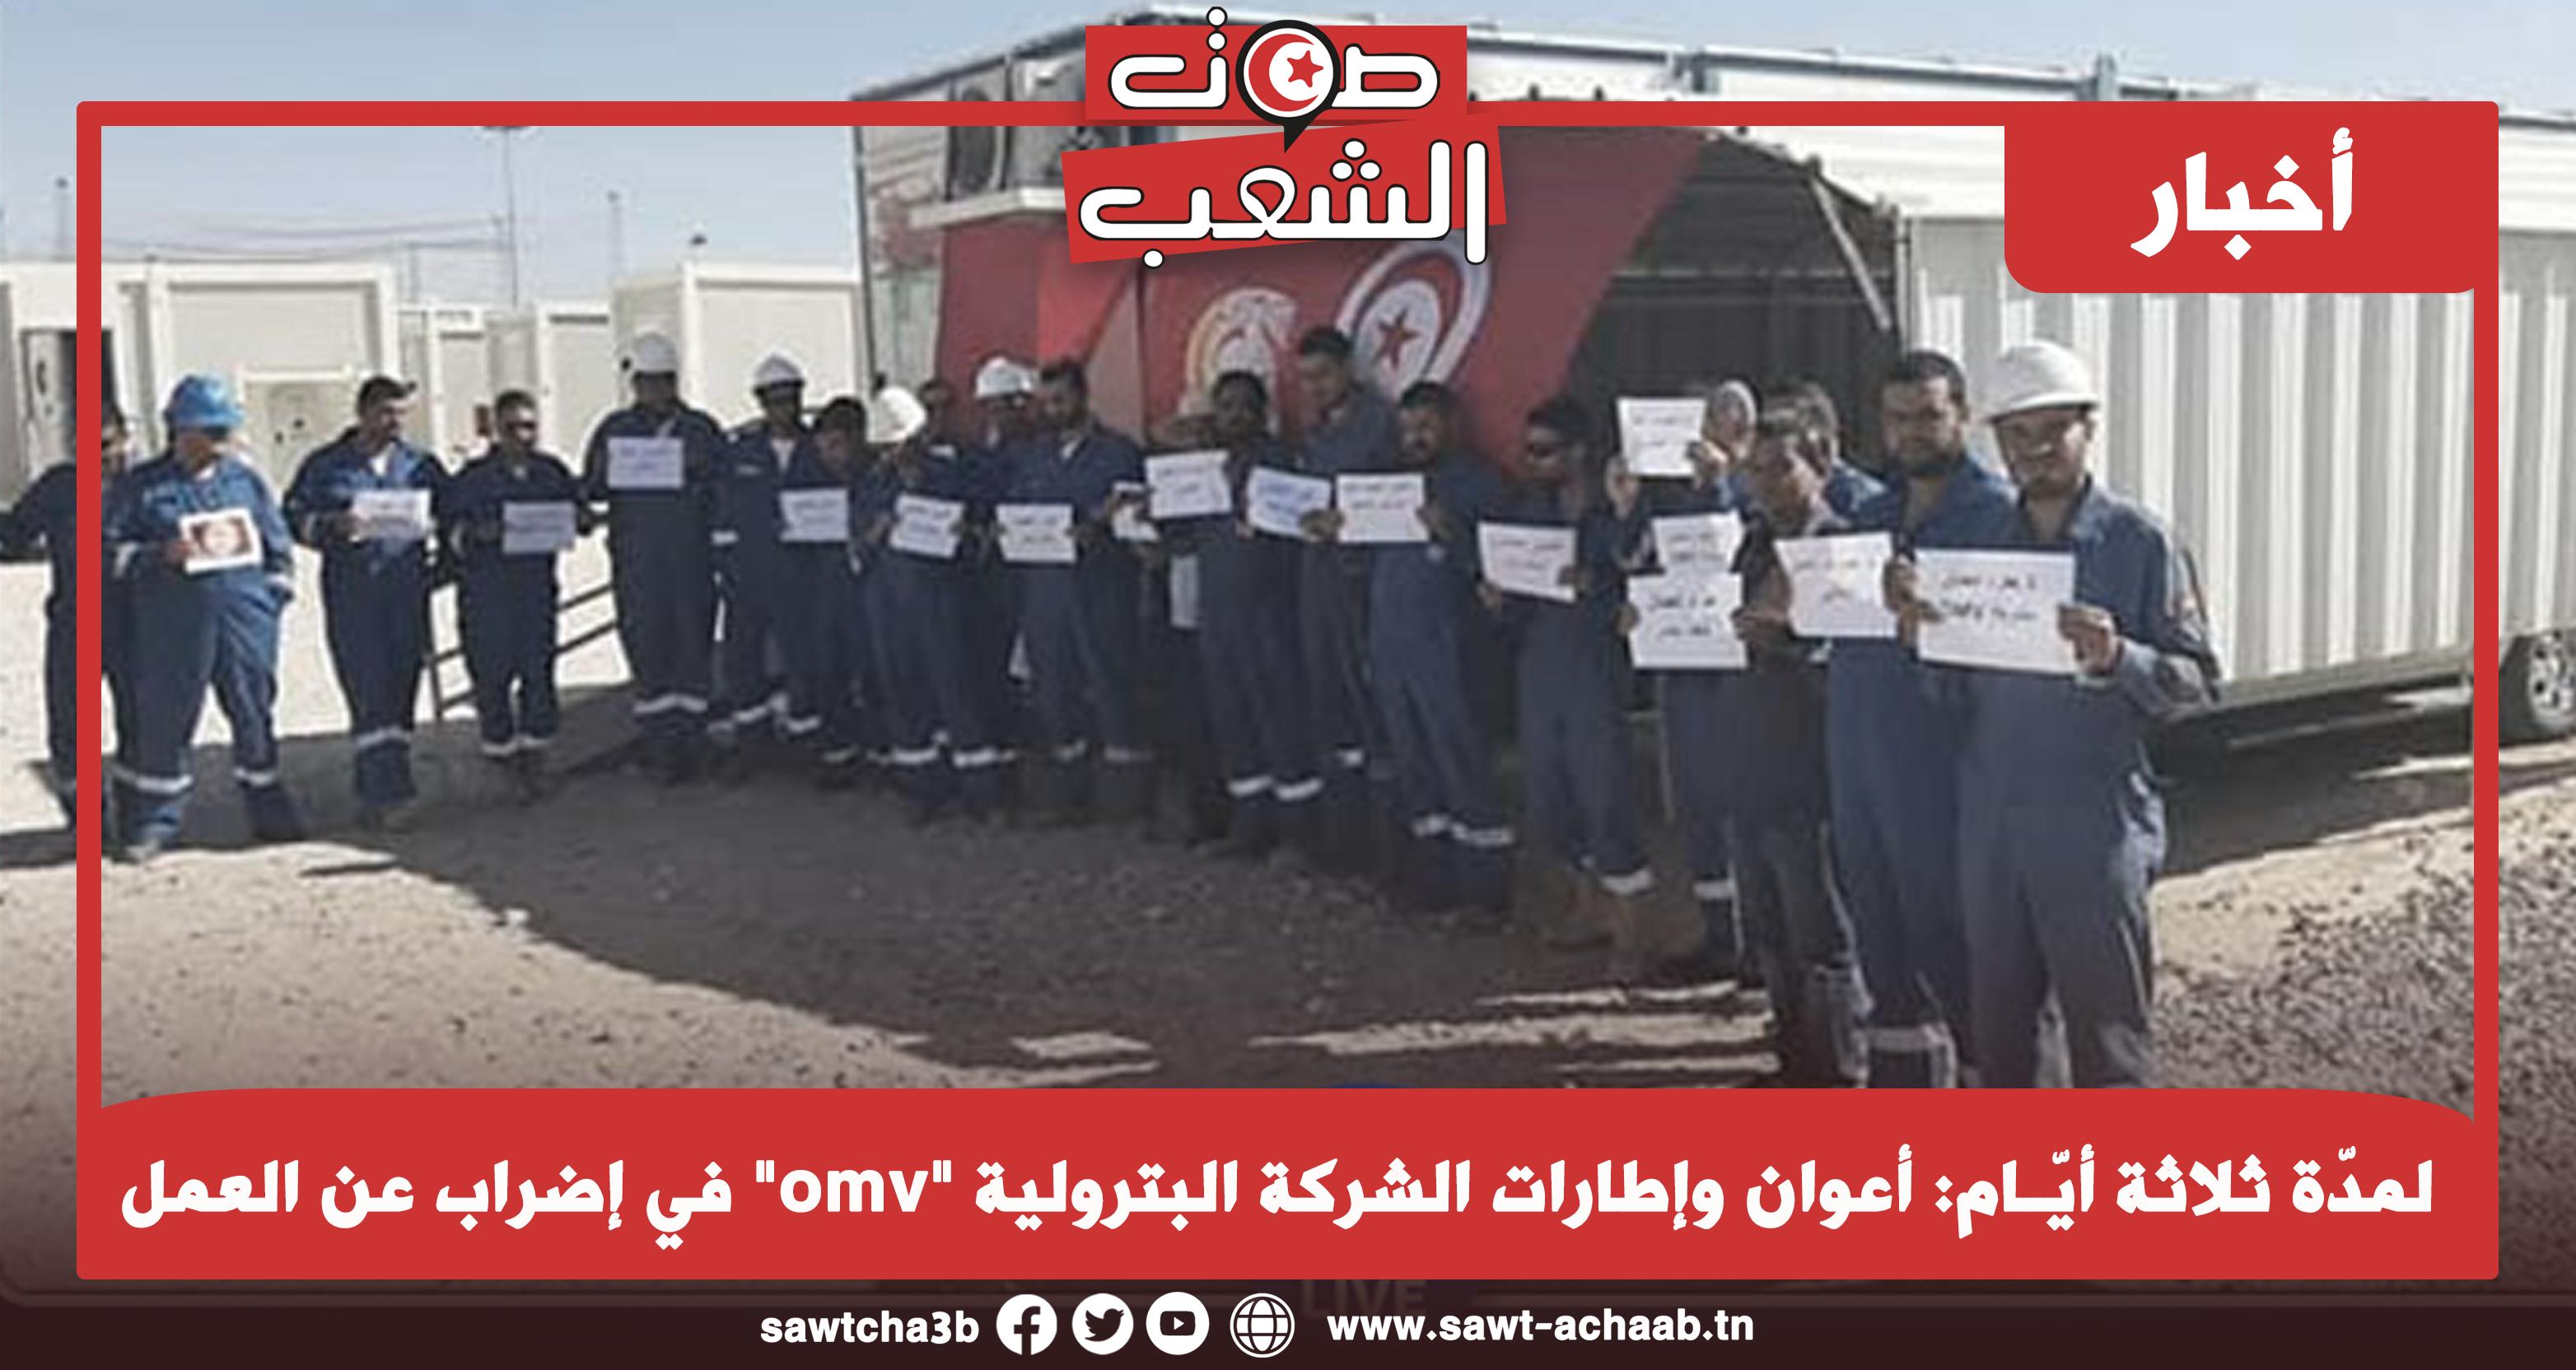 """لمدّة ثلاثة أيّـام: أعوان وإطارات الشركة البترولية """"omv"""" في إضراب عن العمل"""